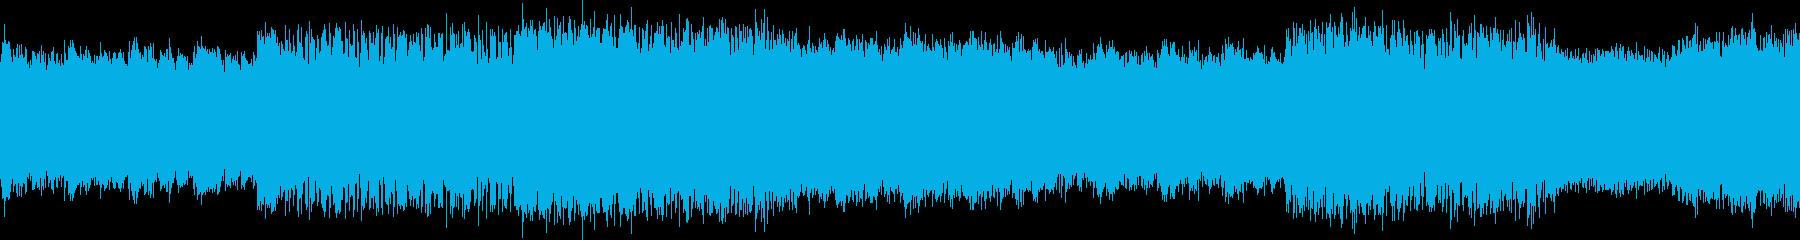 リズムが迫力のあるテクノの再生済みの波形